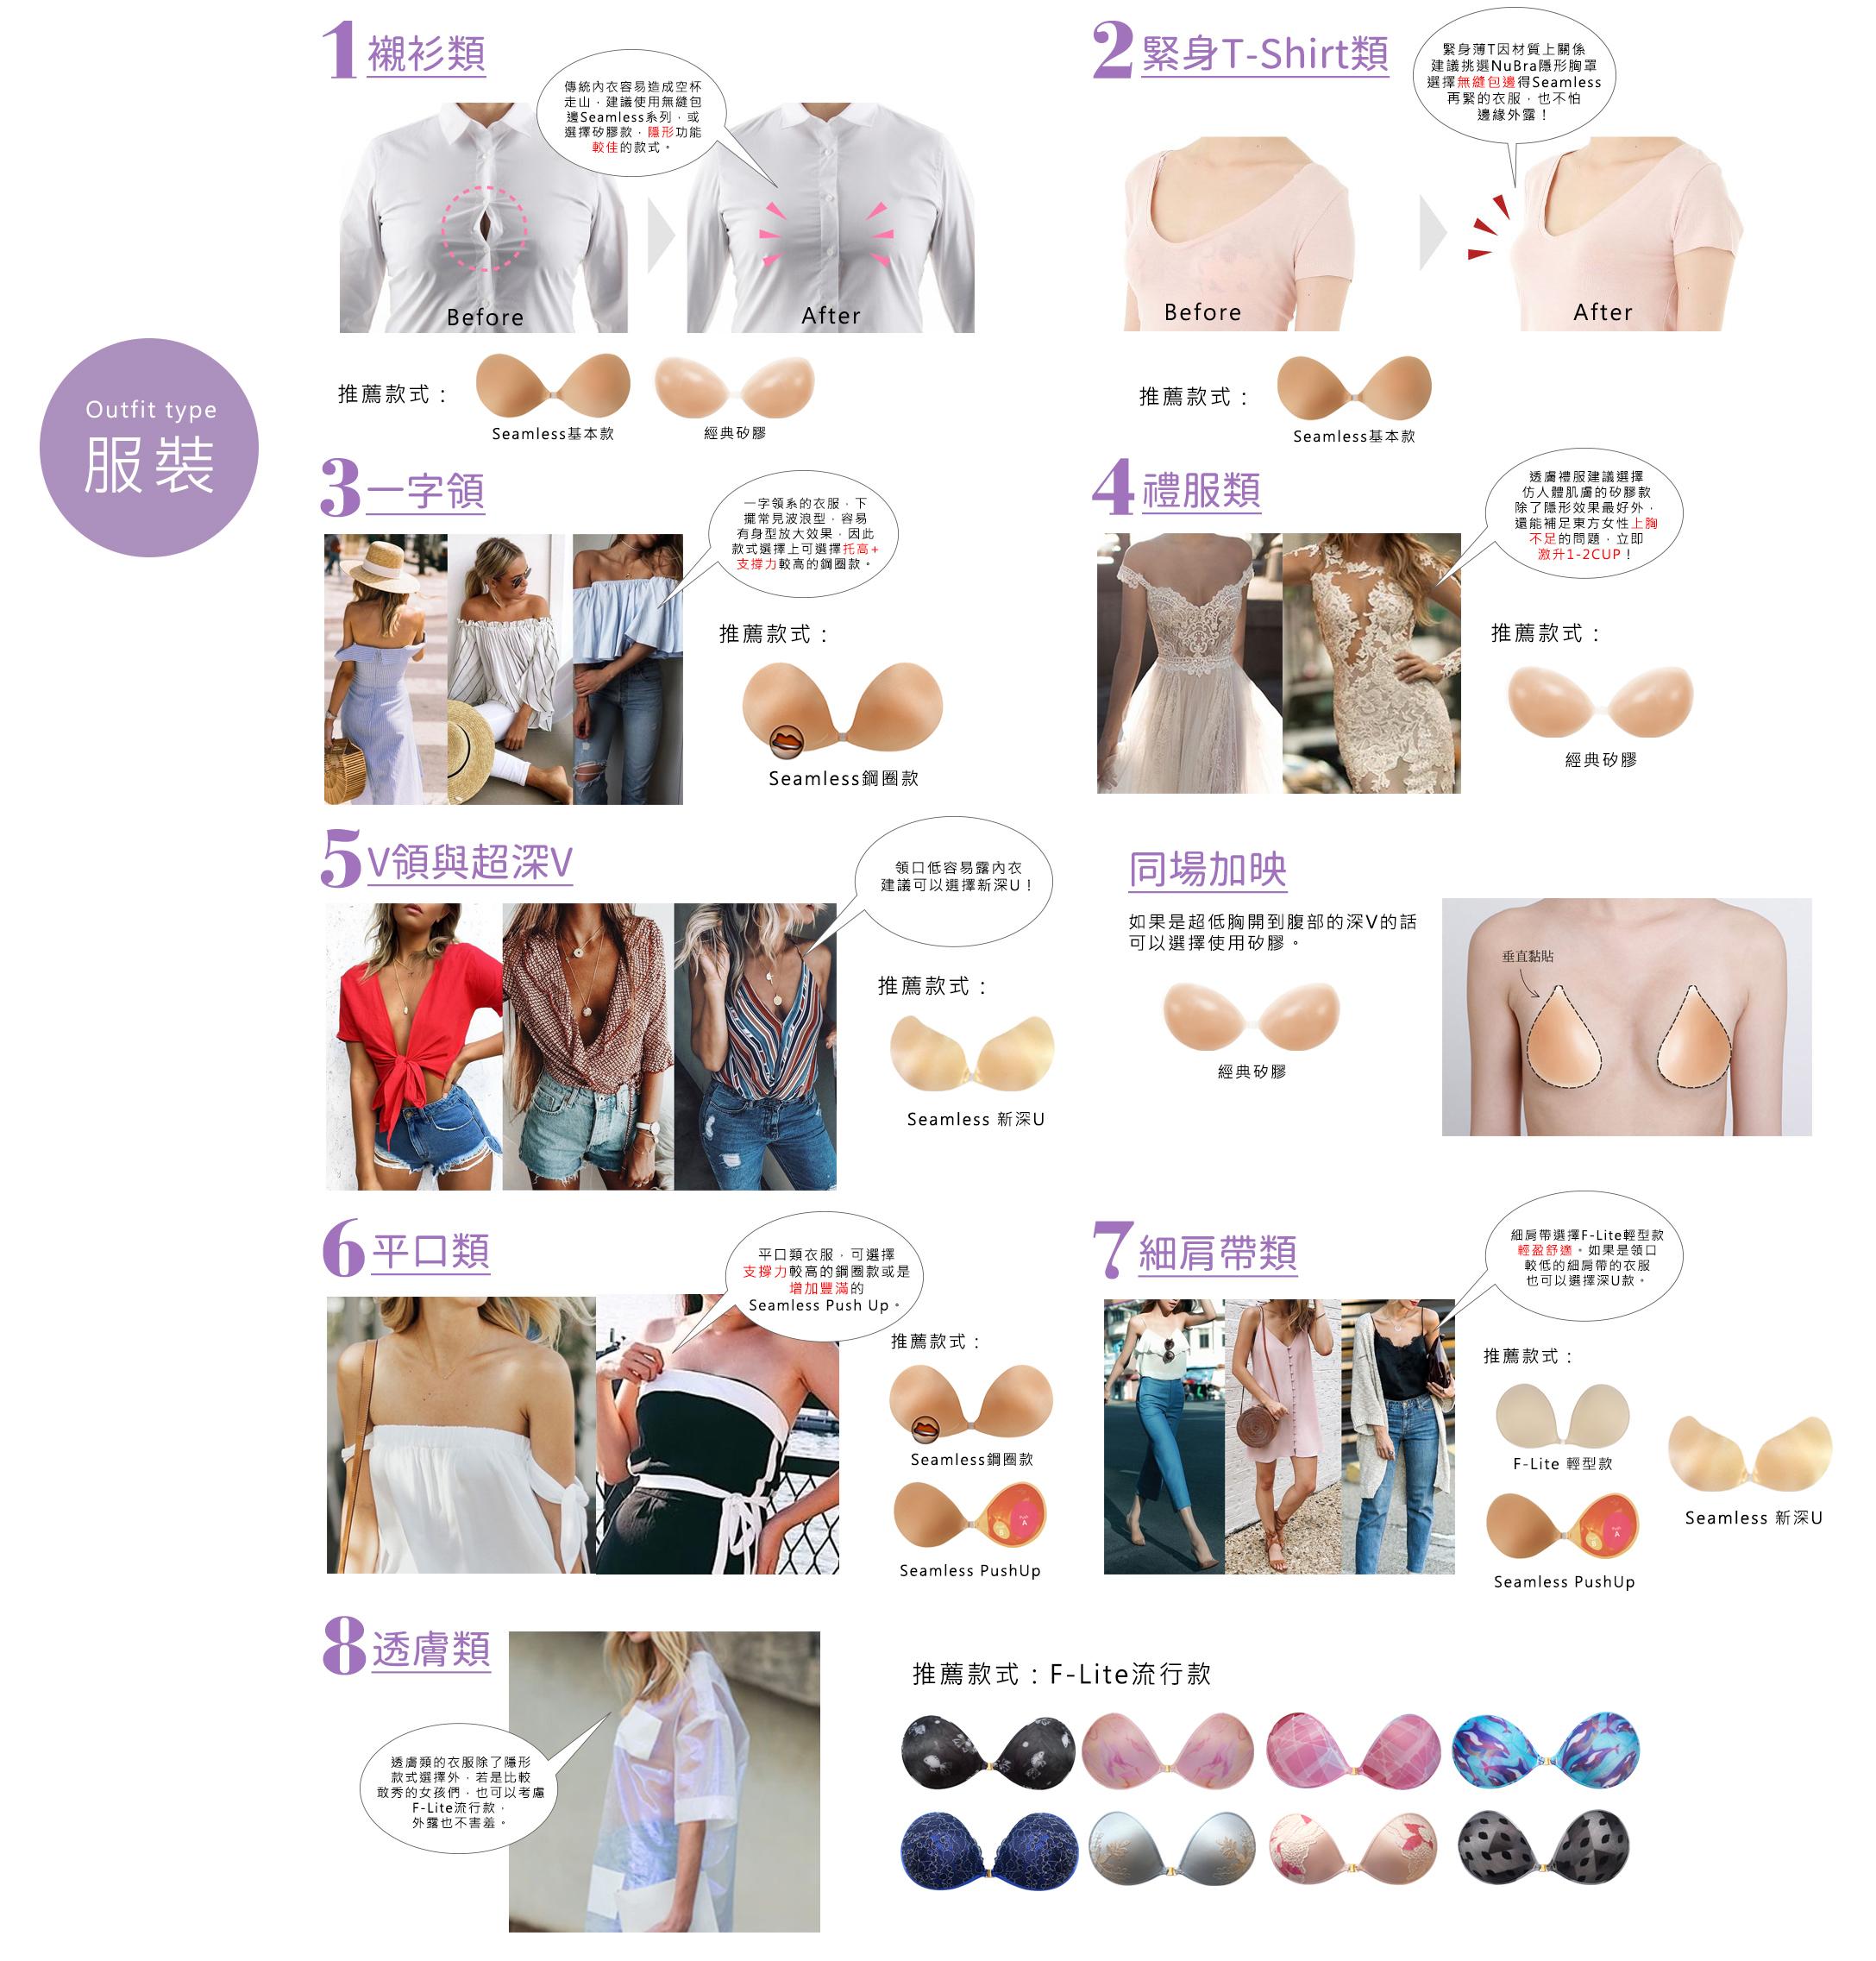 nubra,nubra絕世好波,隱形胸罩,隱形內衣,隱形內衣怎選,款式選擇,nubra選擇,nubra怎麼挑,nubra款式,nubra推薦圖,nubra款式推薦,nubra比較,胸型,胸型選擇,nubra適合,穿搭,nubra穿搭,時尚,隱形,